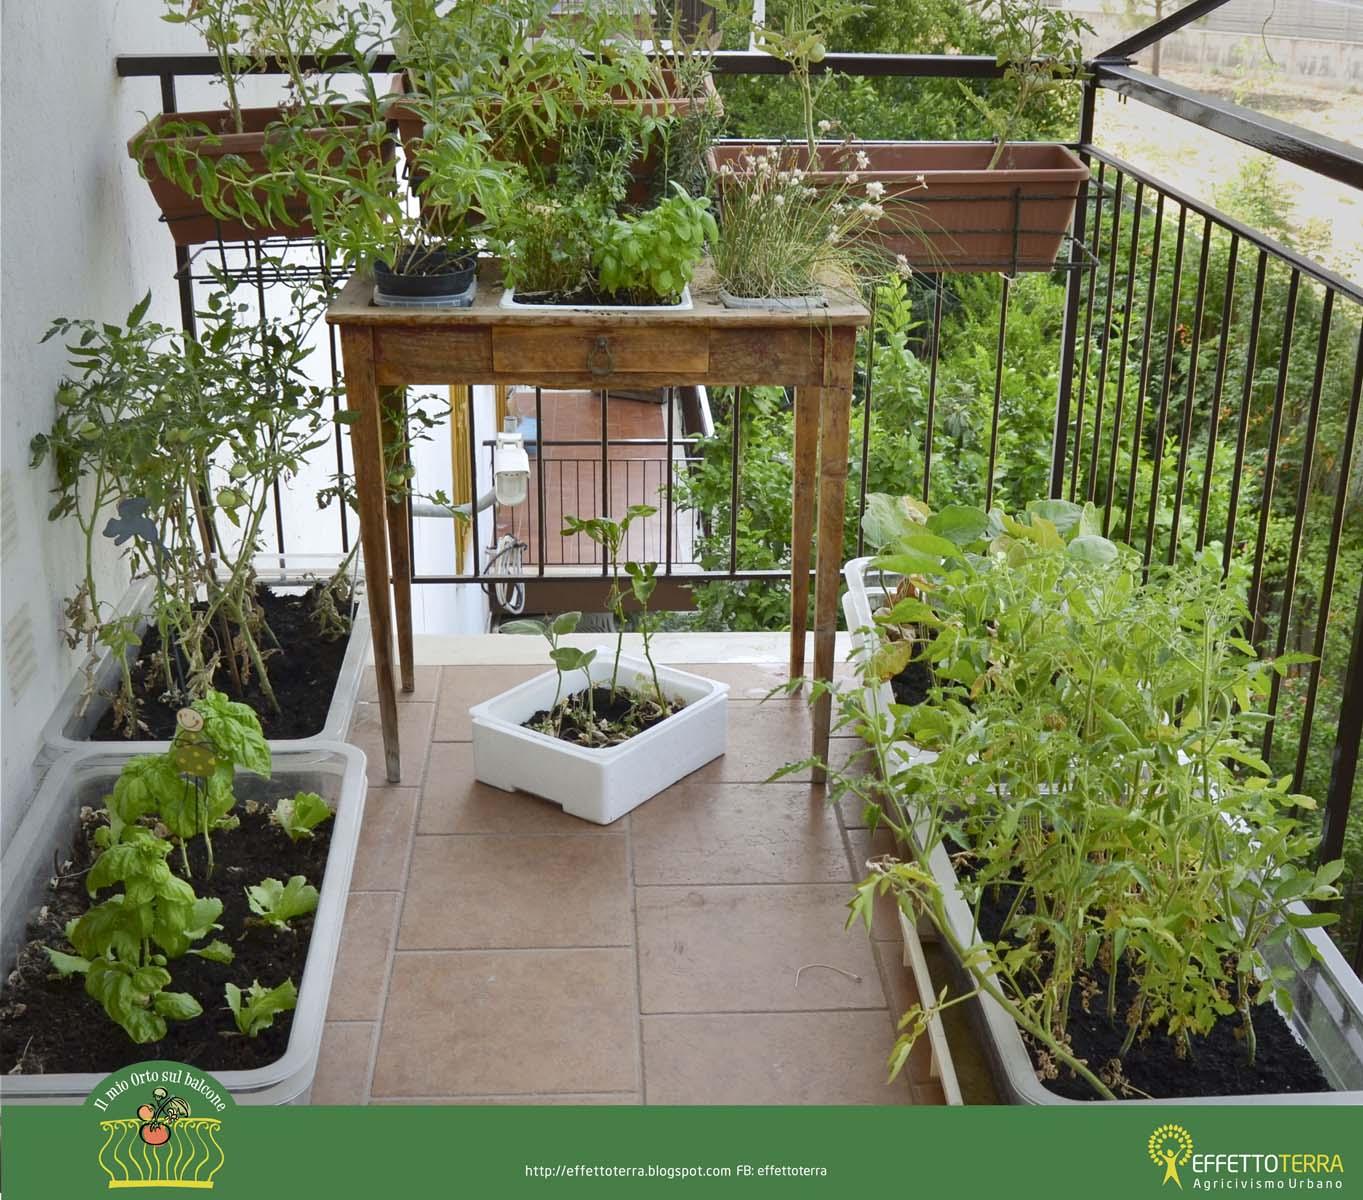 Effetto Terra: Il mio orto sul balcone